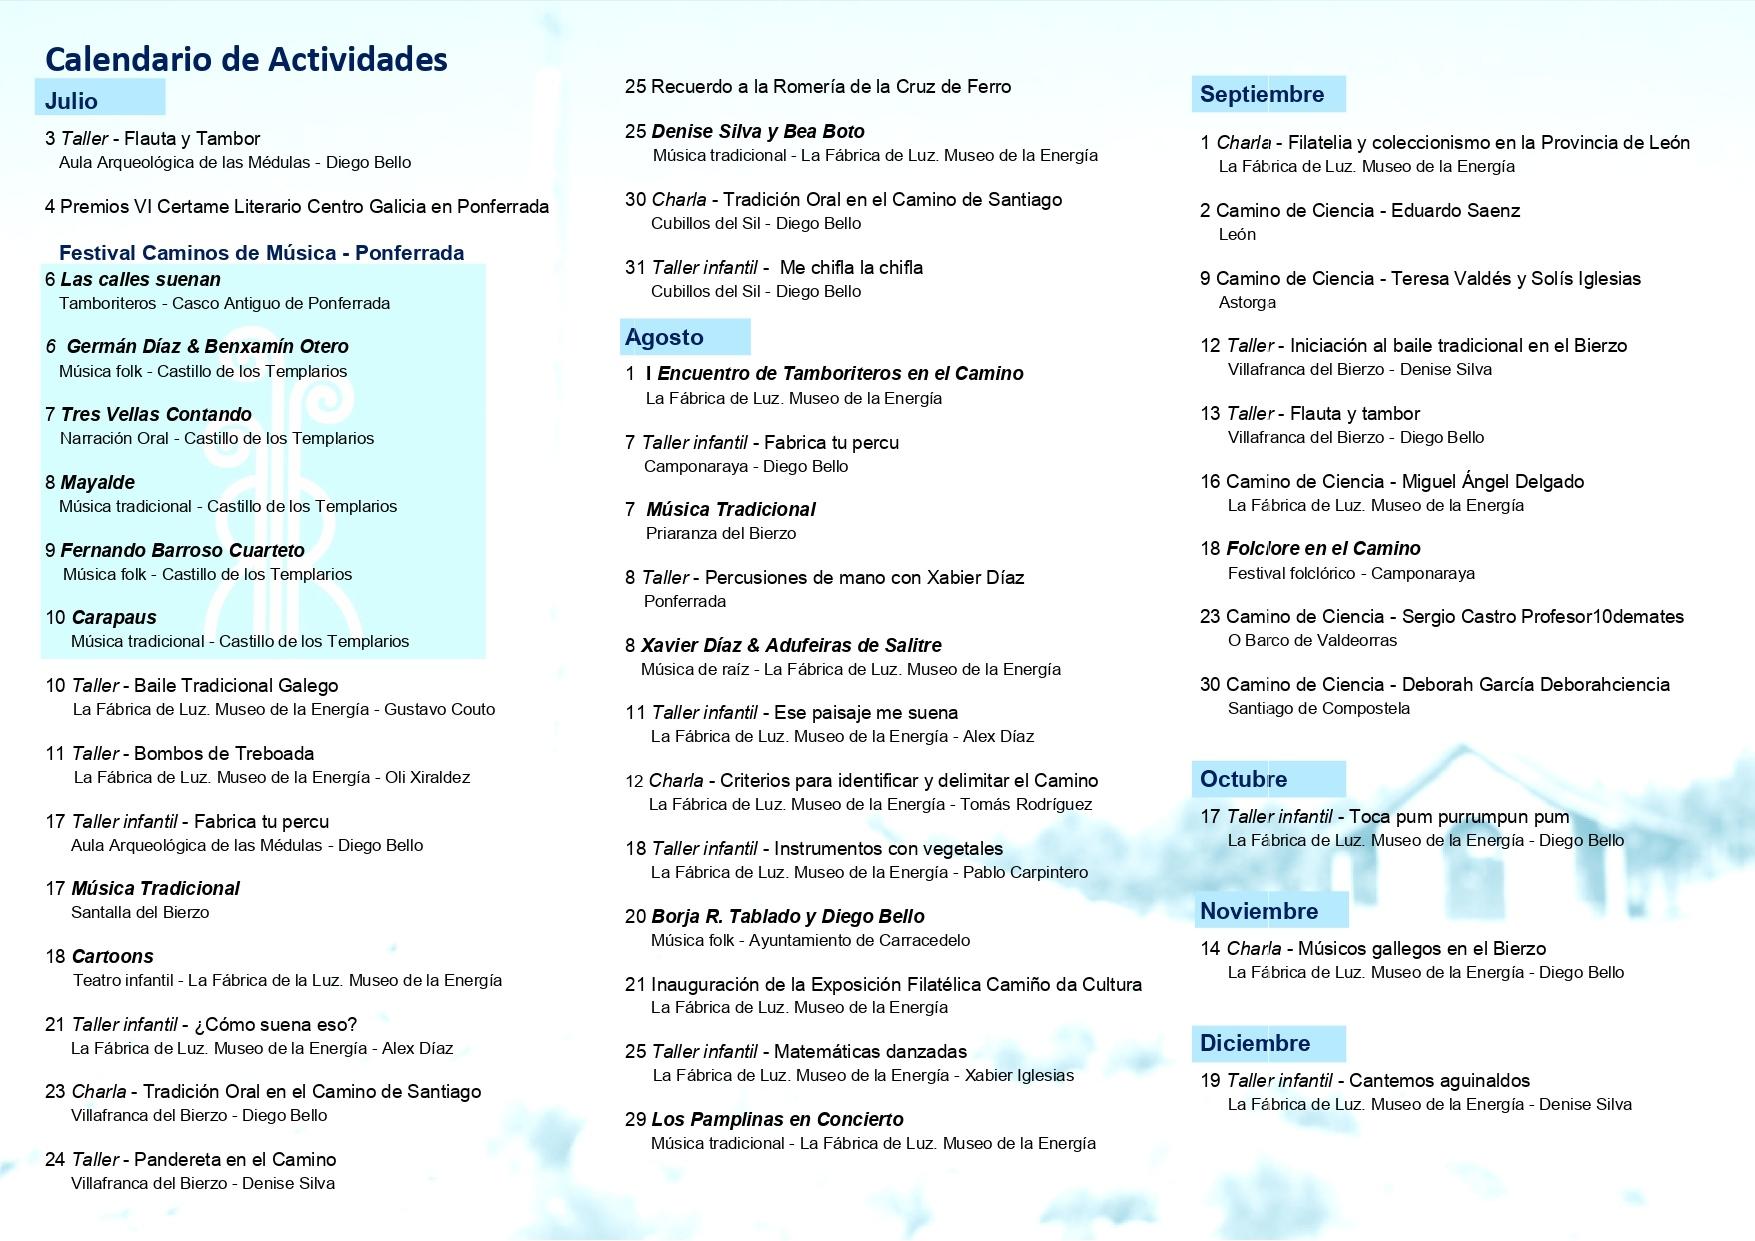 Los actos culturales del Xacobeo 2021 se presentan en el Museo de la Energía 3